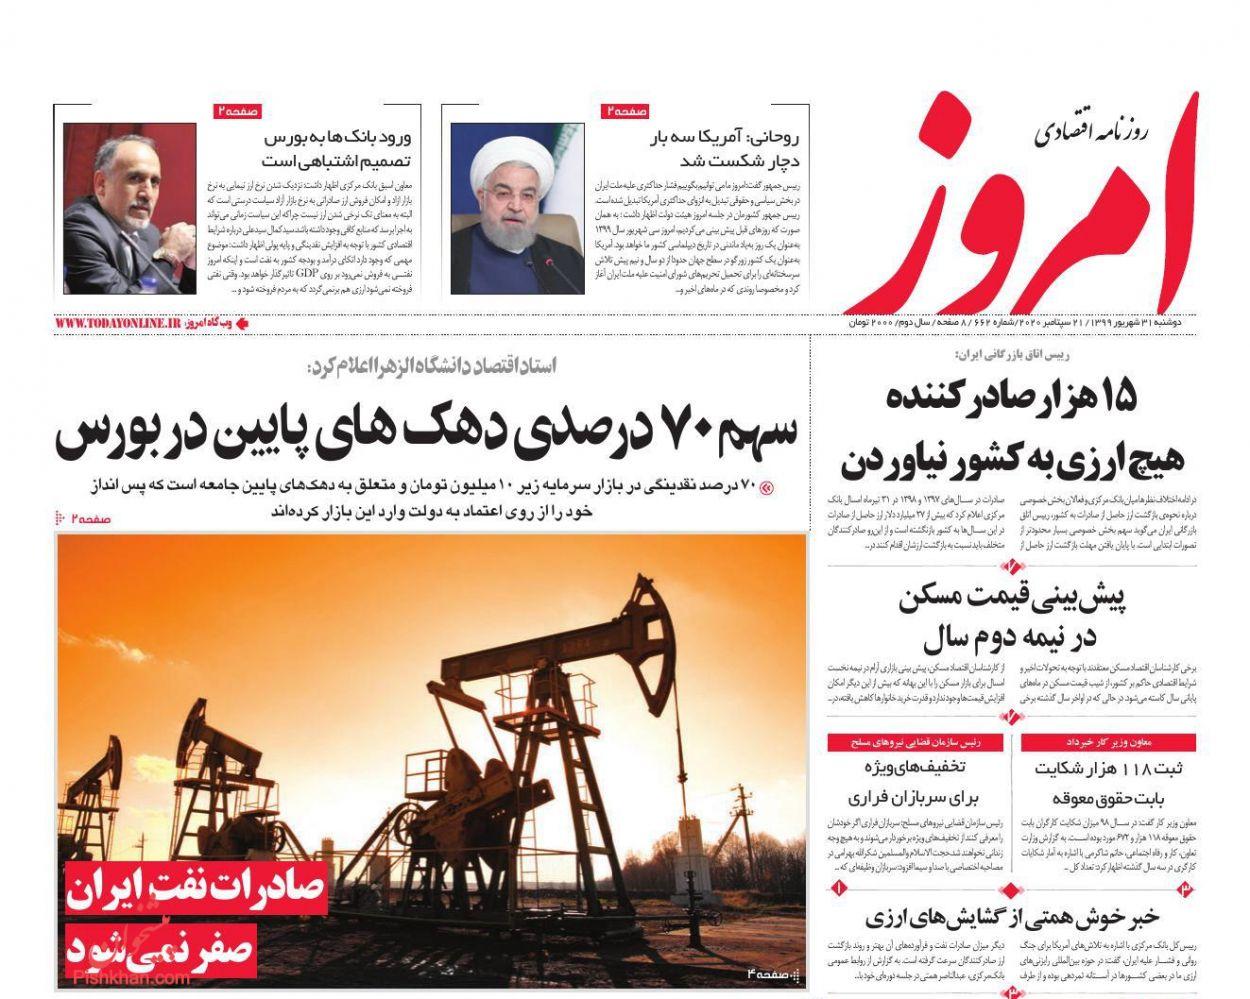 عناوین اخبار روزنامه امروز در روز دوشنبه ۳۱ شهريور